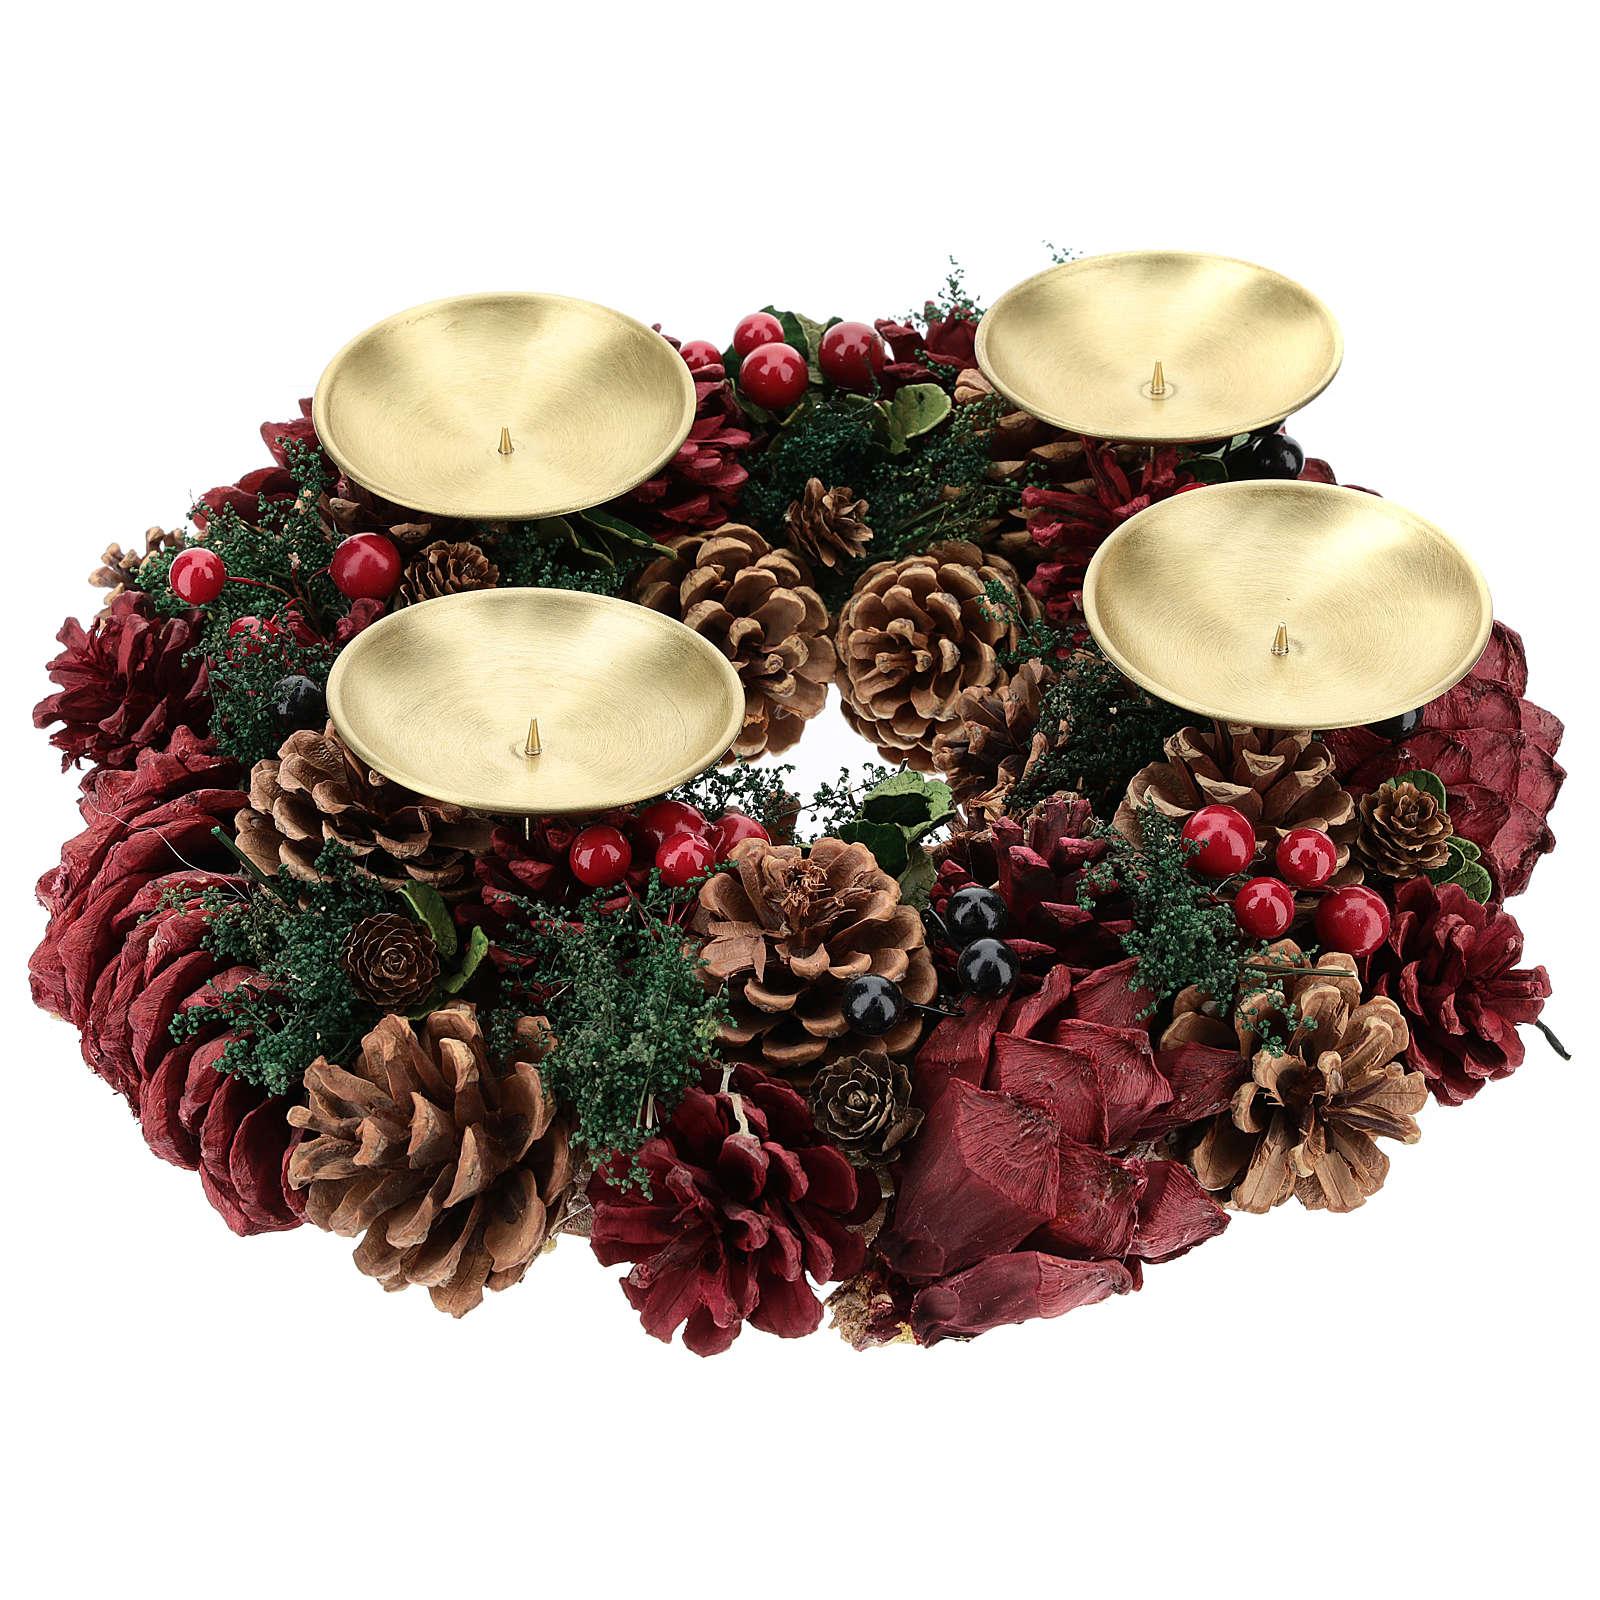 Kit Advento coroa pinhas vermelhas pinos dourados velas enrugadas vermelho escuro 3